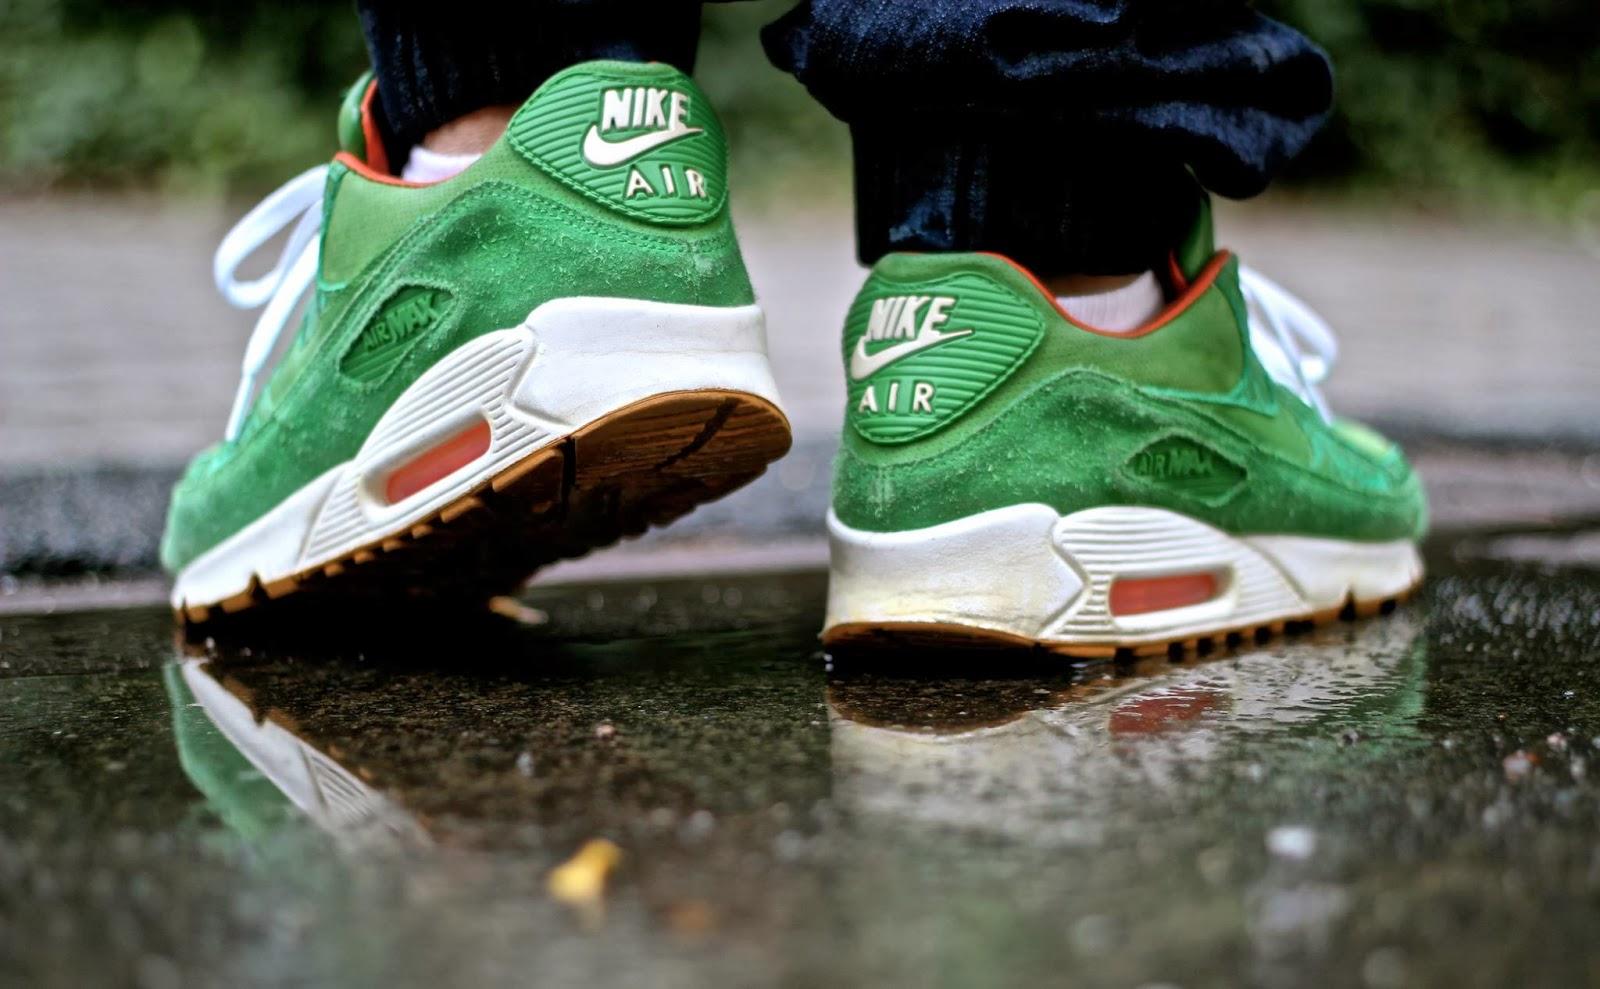 da464609f44c Cette sneakers est aujourd'hui prisé par grand nombres de sneakers addict,  celle-ci est estimé entre 500 et 600 euros.